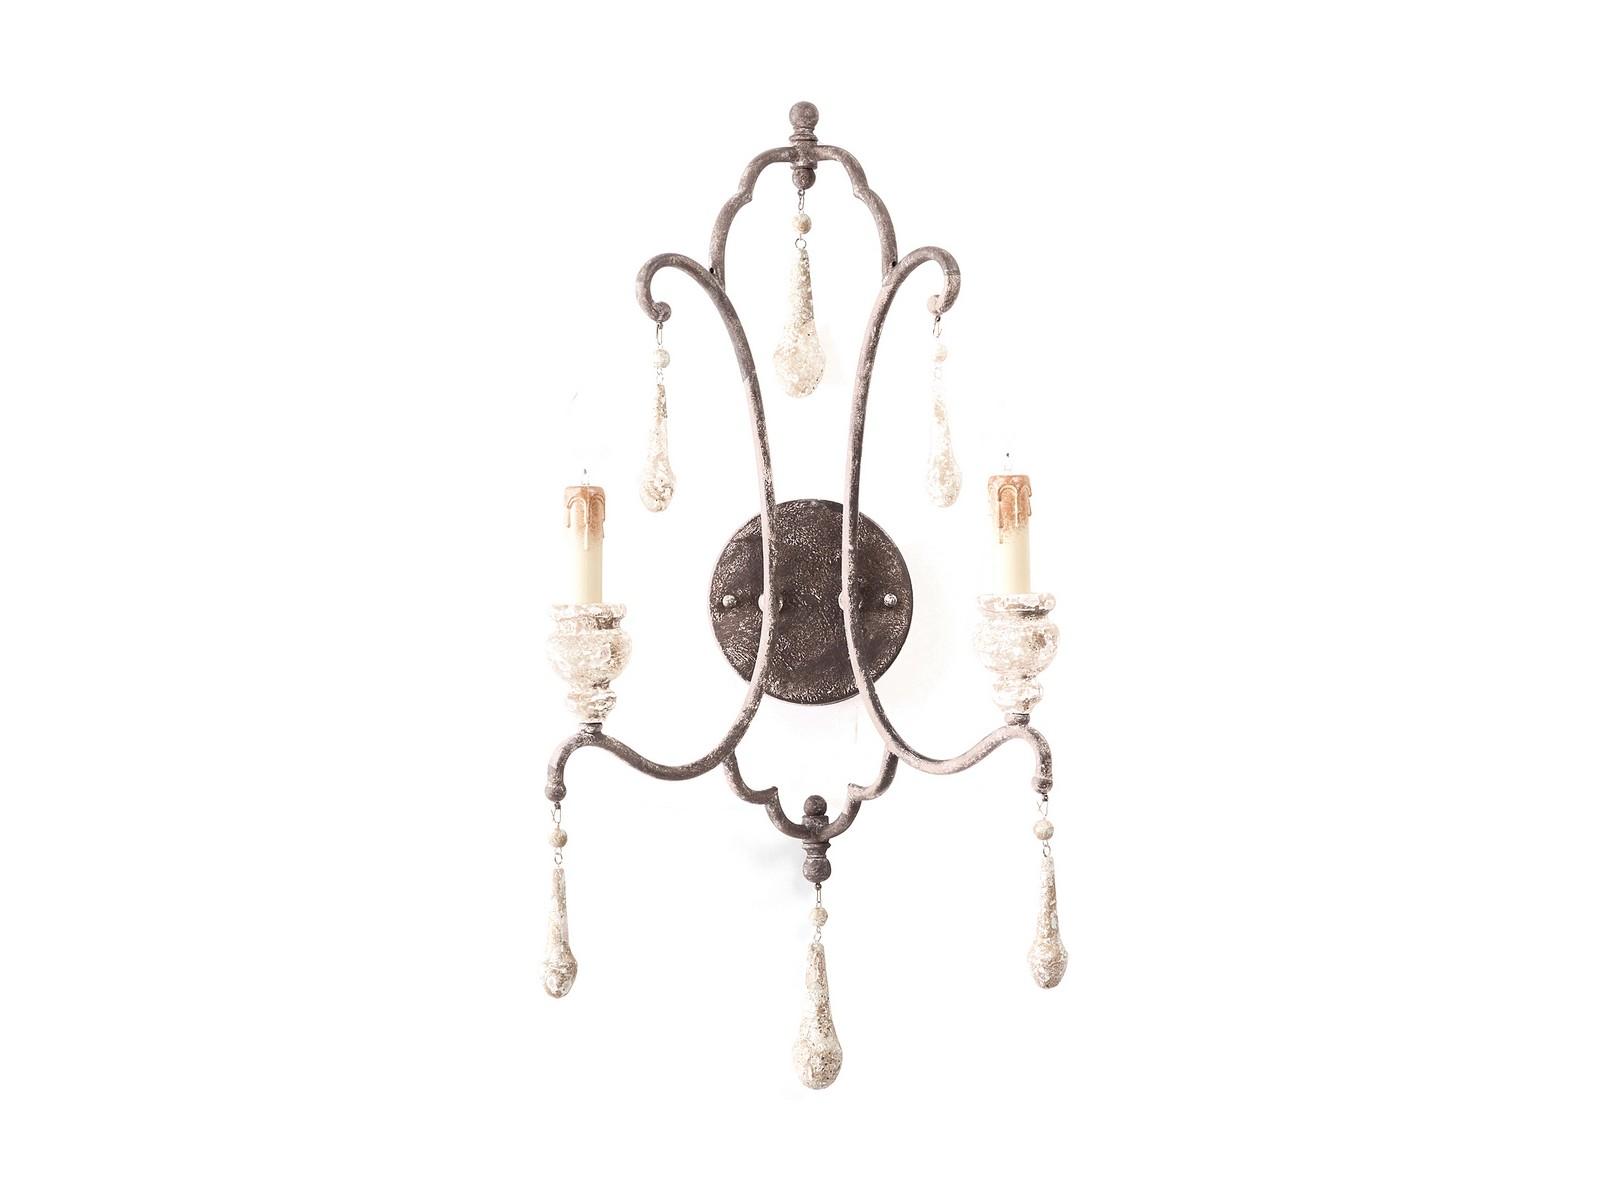 Бра AvgustБра<br>Очень интересное декоративное бра Avgust прекрасно разместится на стене любого помещения в вашей квартире или доме, подчеркнет декоративные детали, шик и ваш вкус. Вместо обычных ламп накаливания для экономии можно применять компактные люминесцентные лампочки мощностью 10-14 Ватт или светодиодные на 5-7 Ватт. При помощи этого обворожительного настенного светильника можно замечательно осветить часть вашего помещения приблизительно в 6-8 кв.м.&amp;lt;div&amp;gt;&amp;lt;br&amp;gt;&amp;lt;/div&amp;gt;&amp;lt;div&amp;gt;&amp;lt;div&amp;gt;Вид цоколя: Е14&amp;lt;/div&amp;gt;&amp;lt;div&amp;gt;Мощность лампы: 40W&amp;lt;/div&amp;gt;&amp;lt;div&amp;gt;Количество ламп: 2&amp;lt;/div&amp;gt;&amp;lt;div&amp;gt;Наличие ламп: нет&amp;lt;/div&amp;gt;&amp;lt;/div&amp;gt;<br><br>Material: Металл<br>Width см: 35<br>Depth см: 20<br>Height см: 76